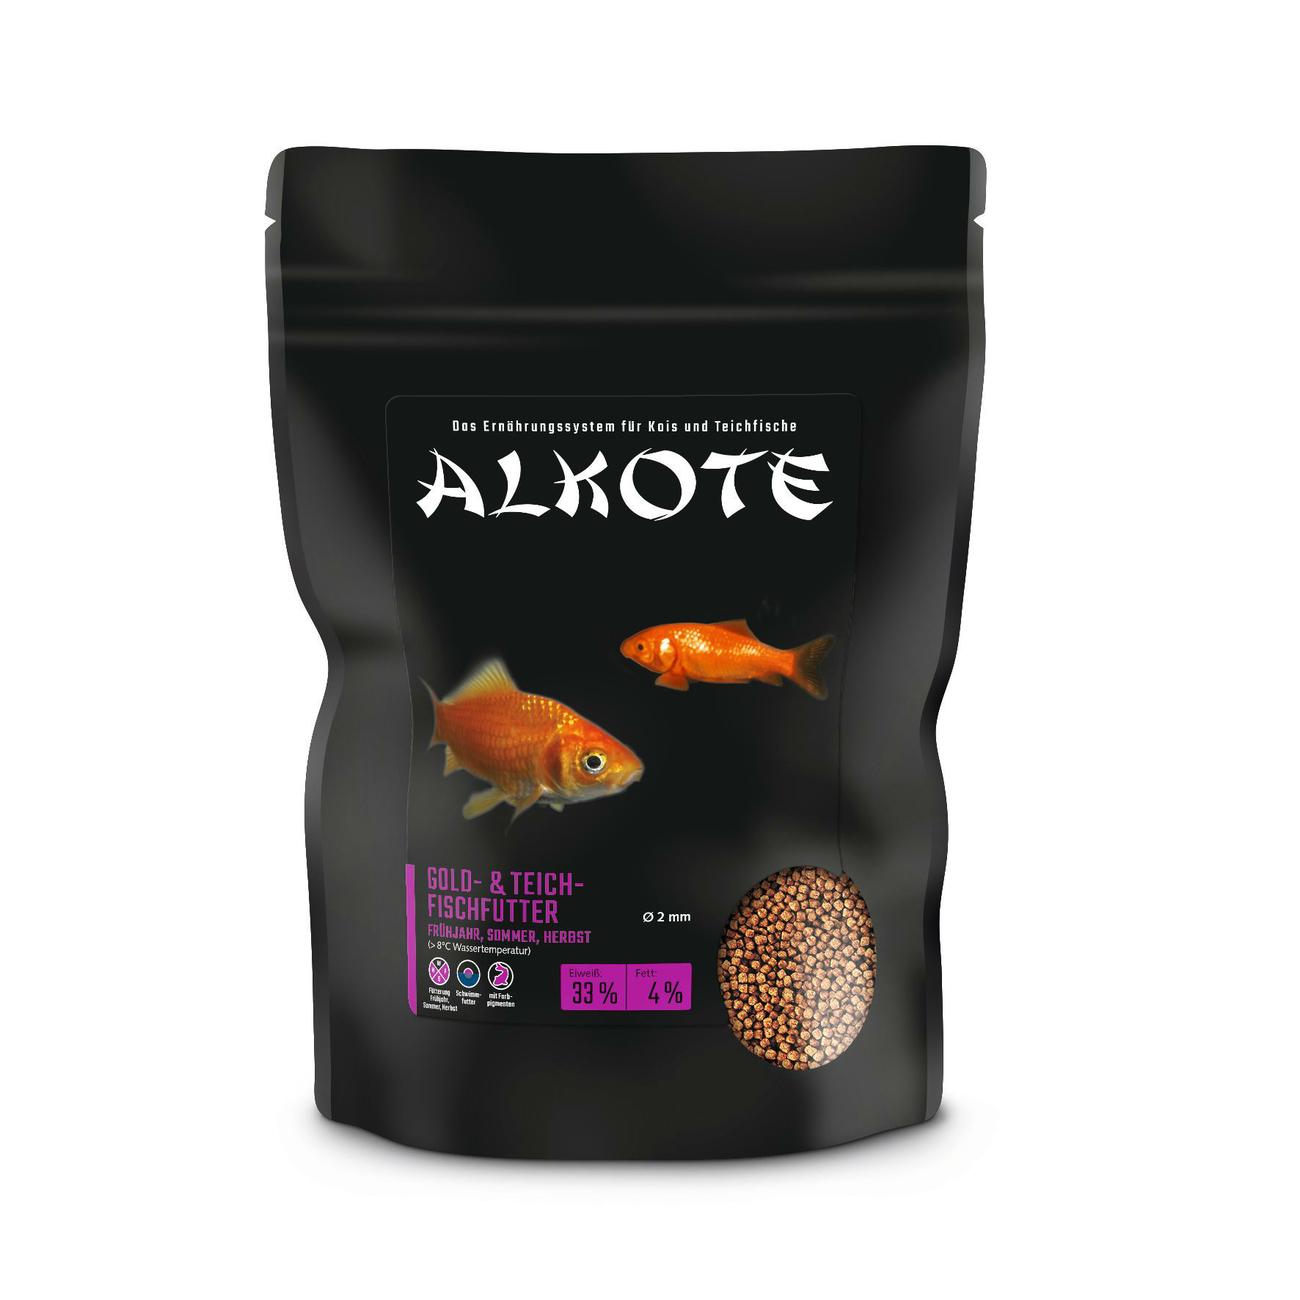 Allco ALKOTE Goldfischfutter Teichfischfutter, 450g Tüte